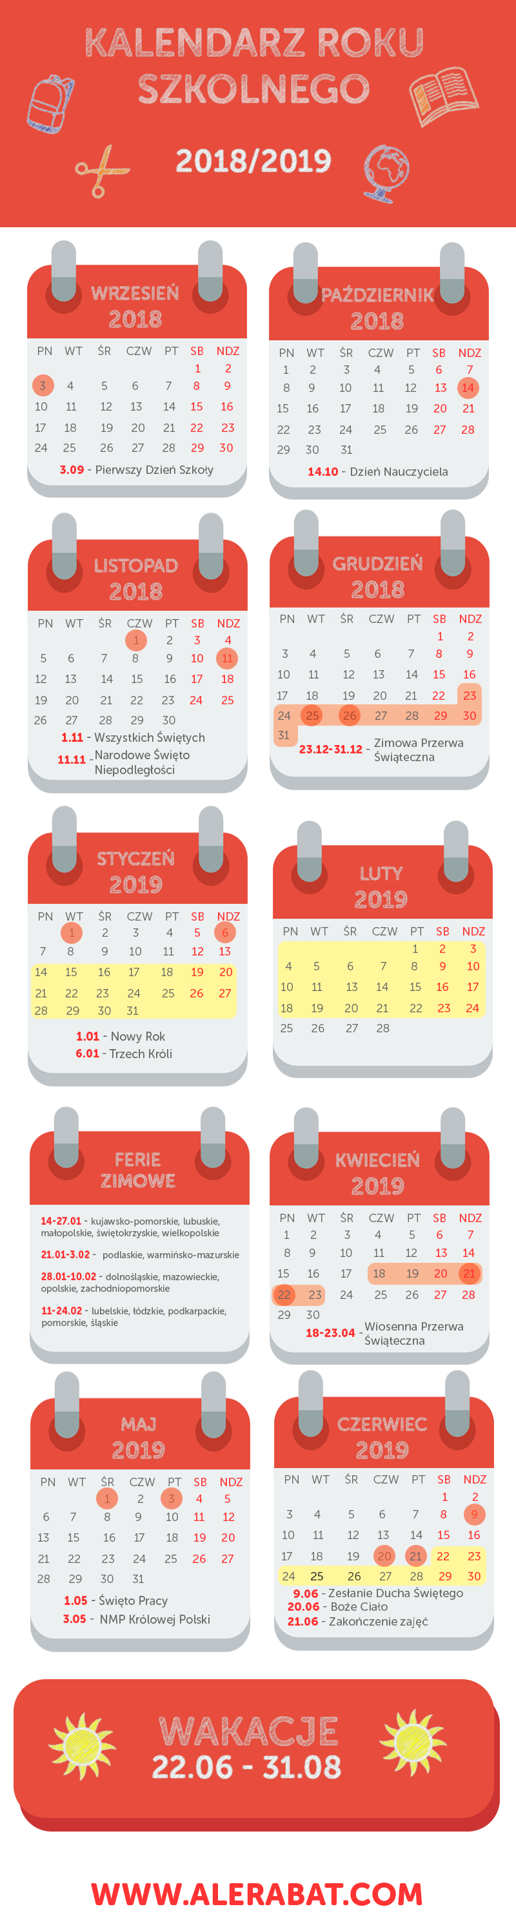 Infografika - kalendarz roku szkolnego 2018/2019